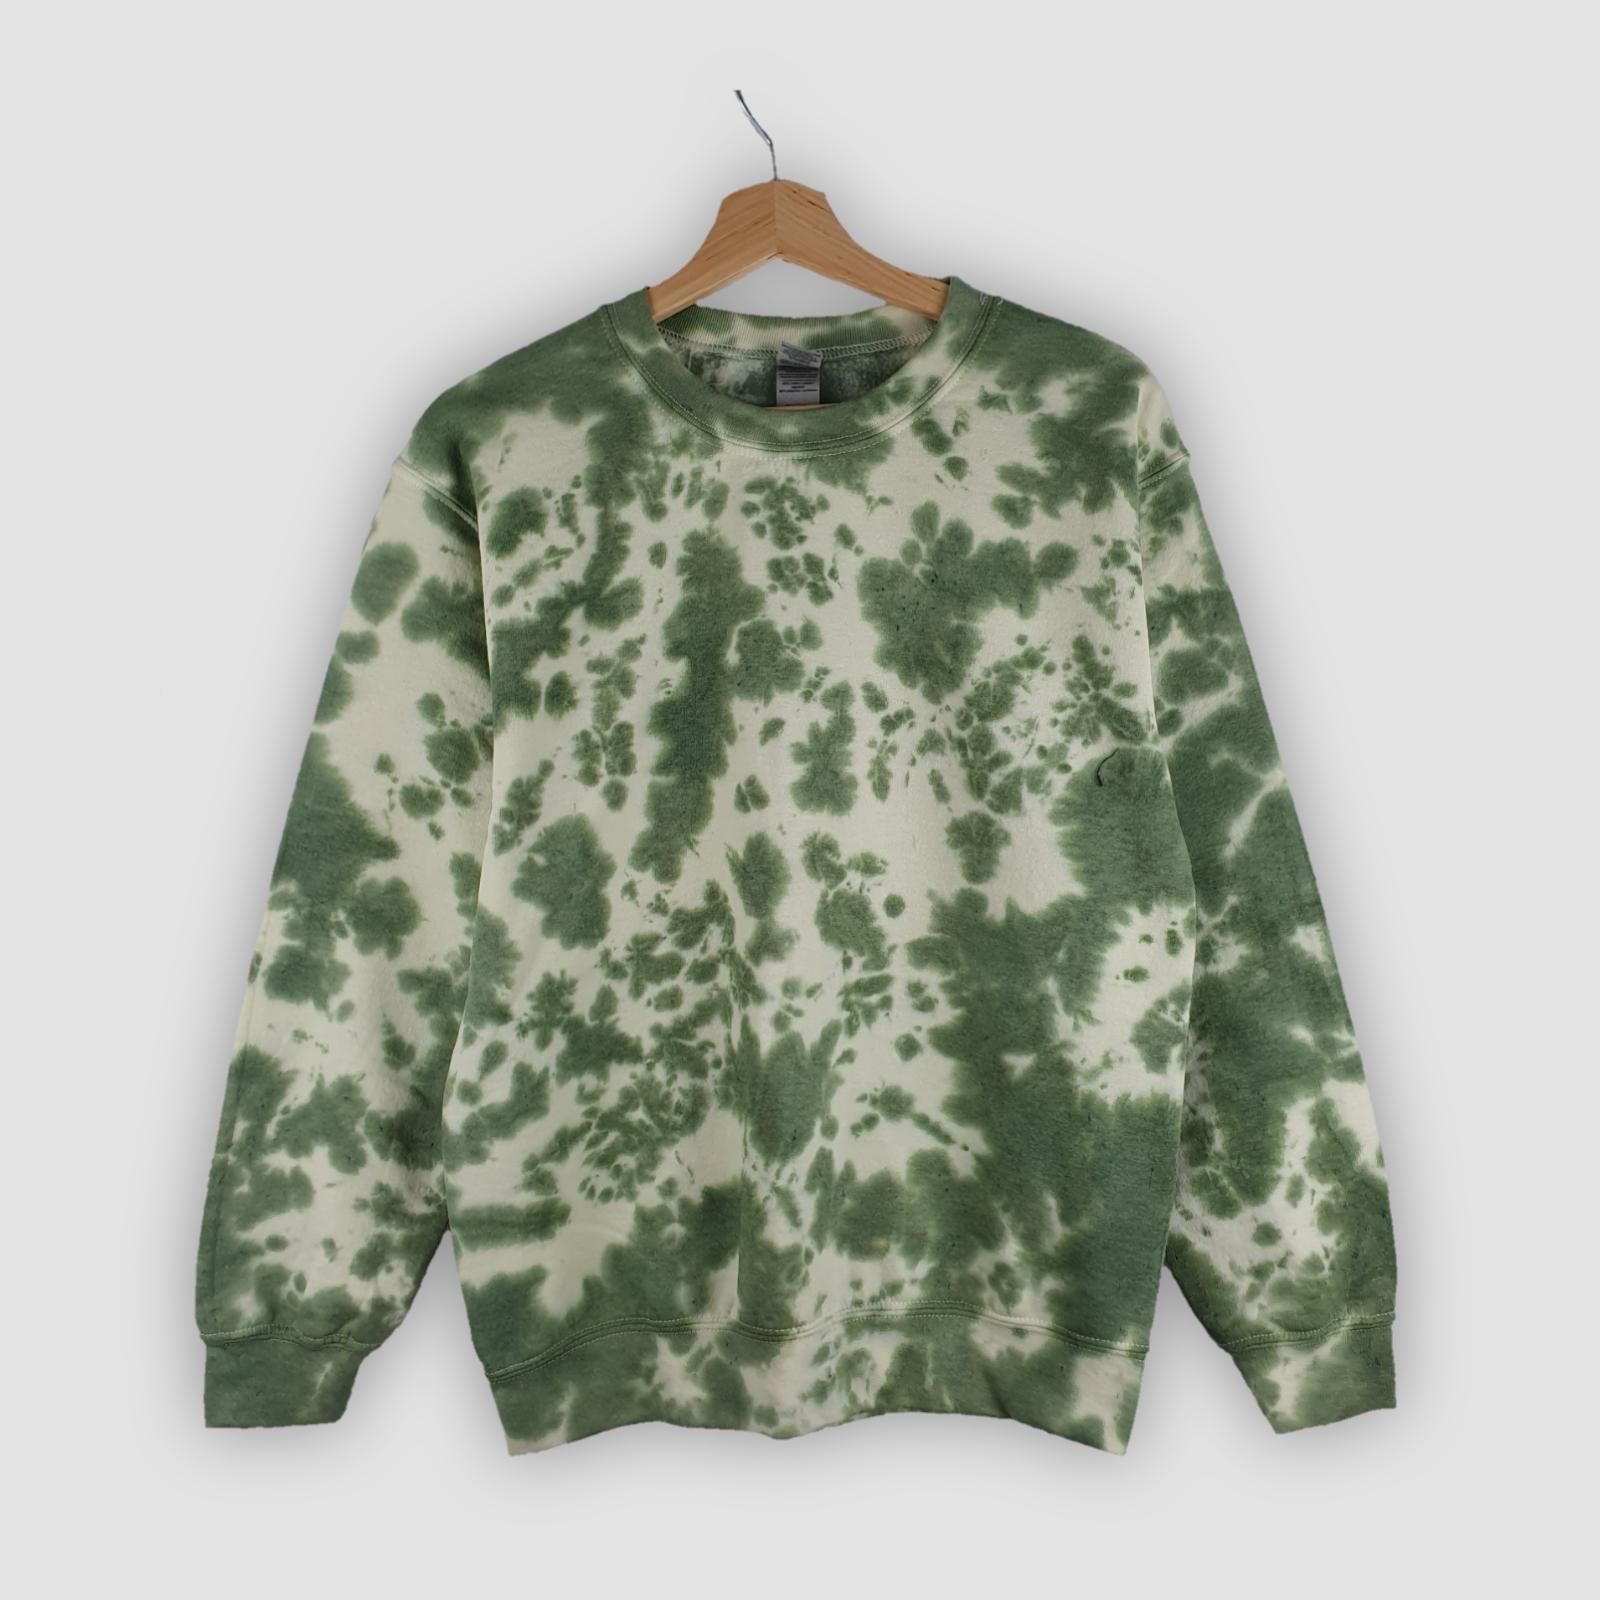 Khaki Green TIE DYE SWEATER Hoodie Dyed tiedye New Unisex Festival Jumper UK